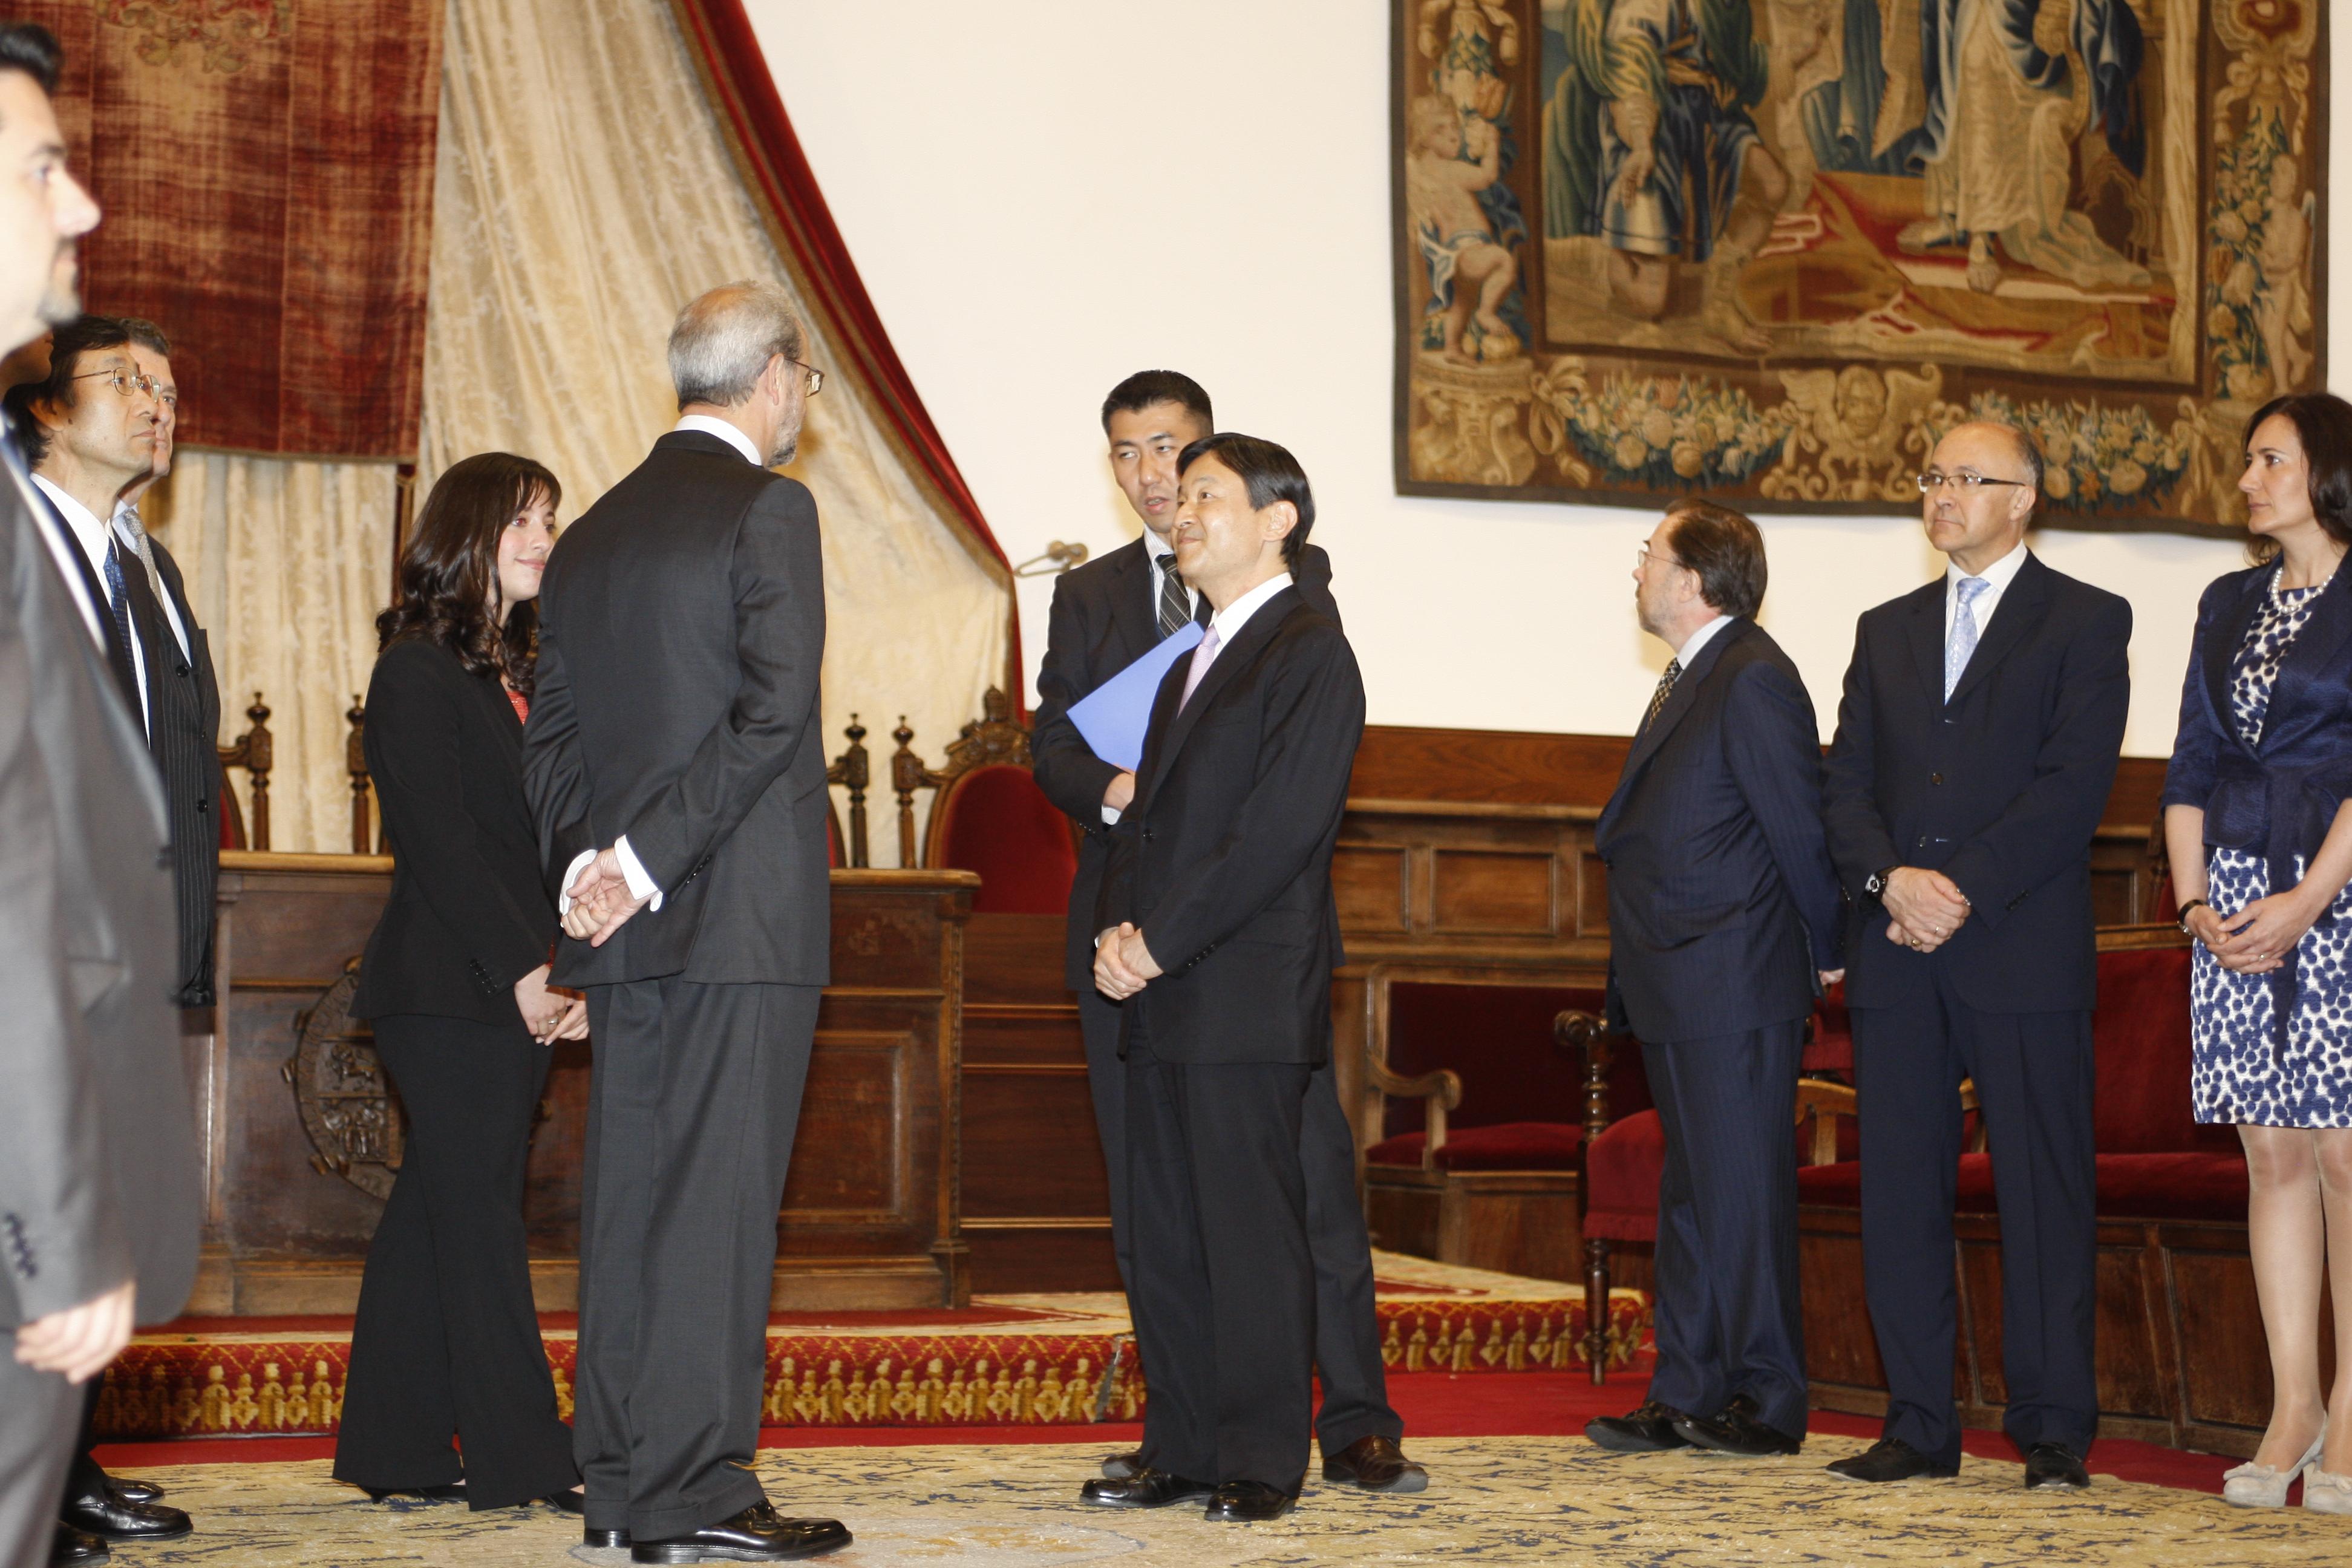 Visita de Su Alteza Imperial el Príncipe Heredero de Japón a la Universidad de Salamanca